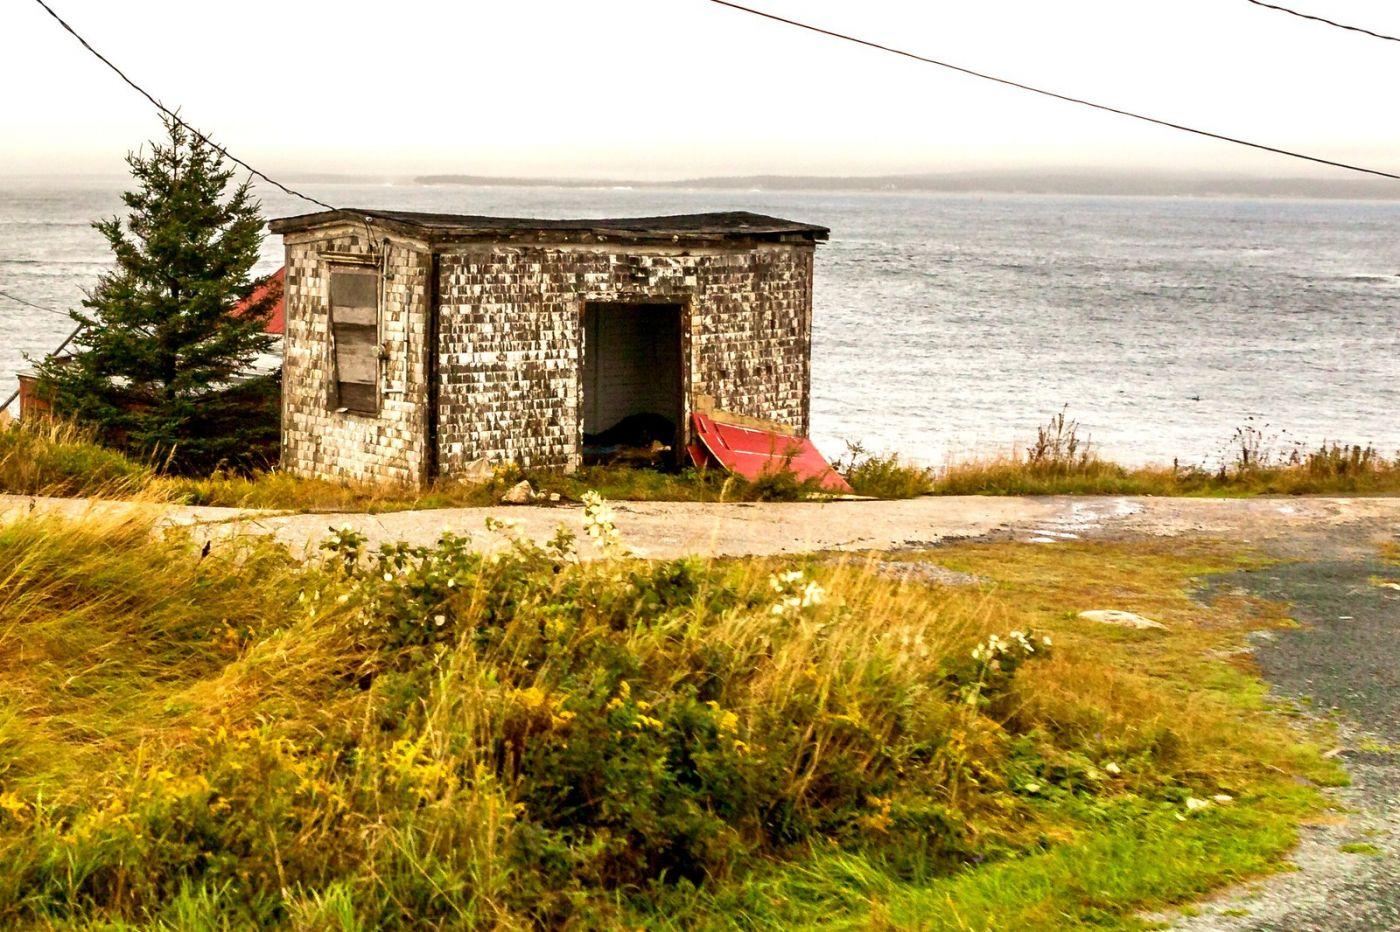 加拿大旅途,乡村的幸福生活_图1-32